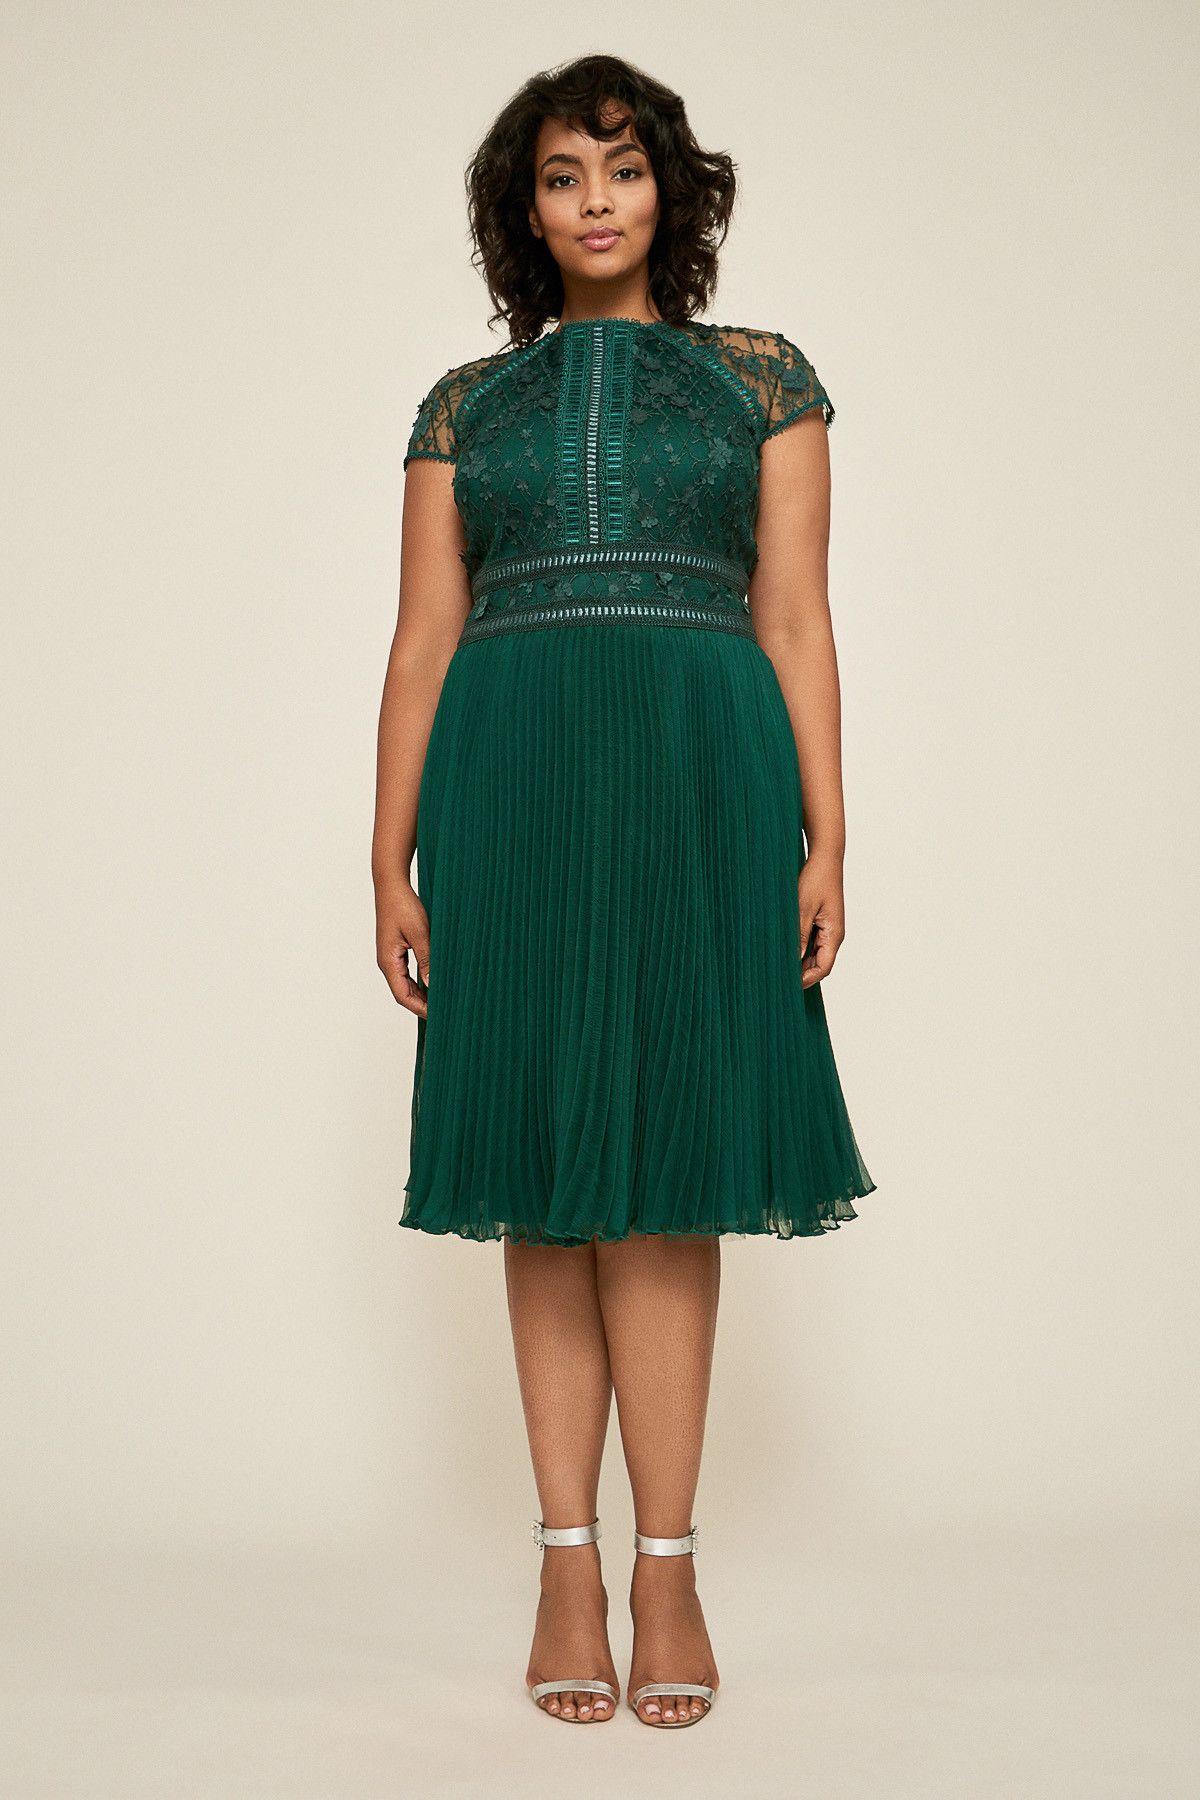 50d3d344c4 Zivan Flared Lace Dress - PLUS SIZE